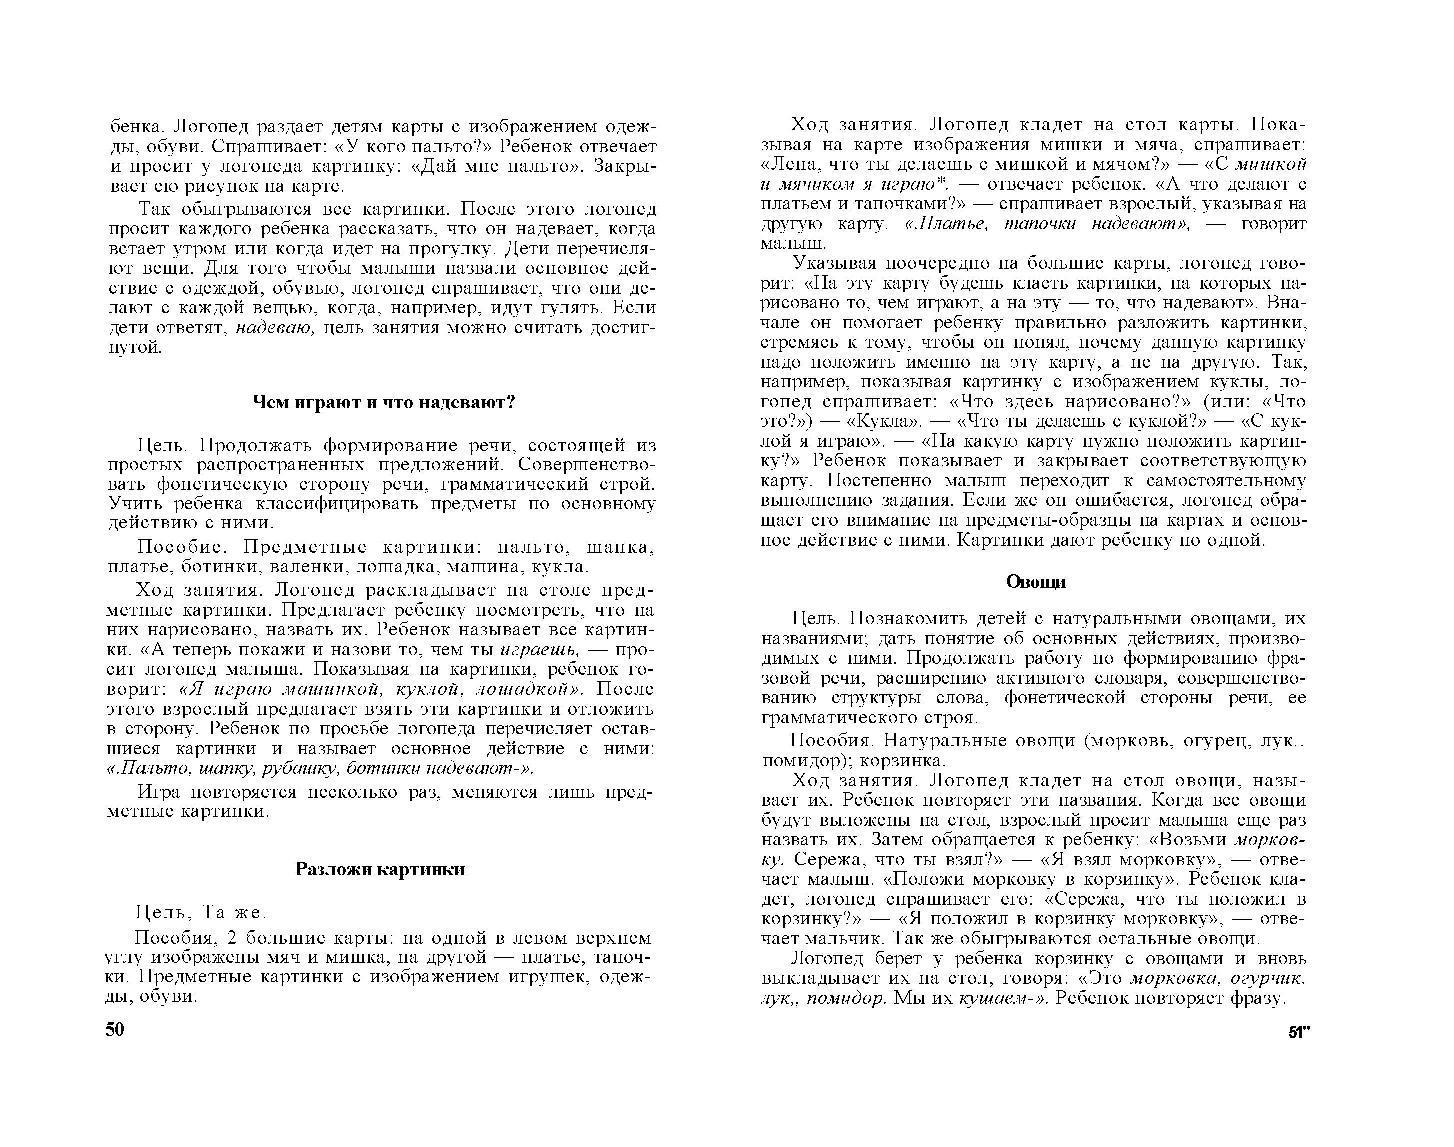 roliki-zhena-smotret-pro-bolshie-morkovki-valenki-rot-volosah-porno